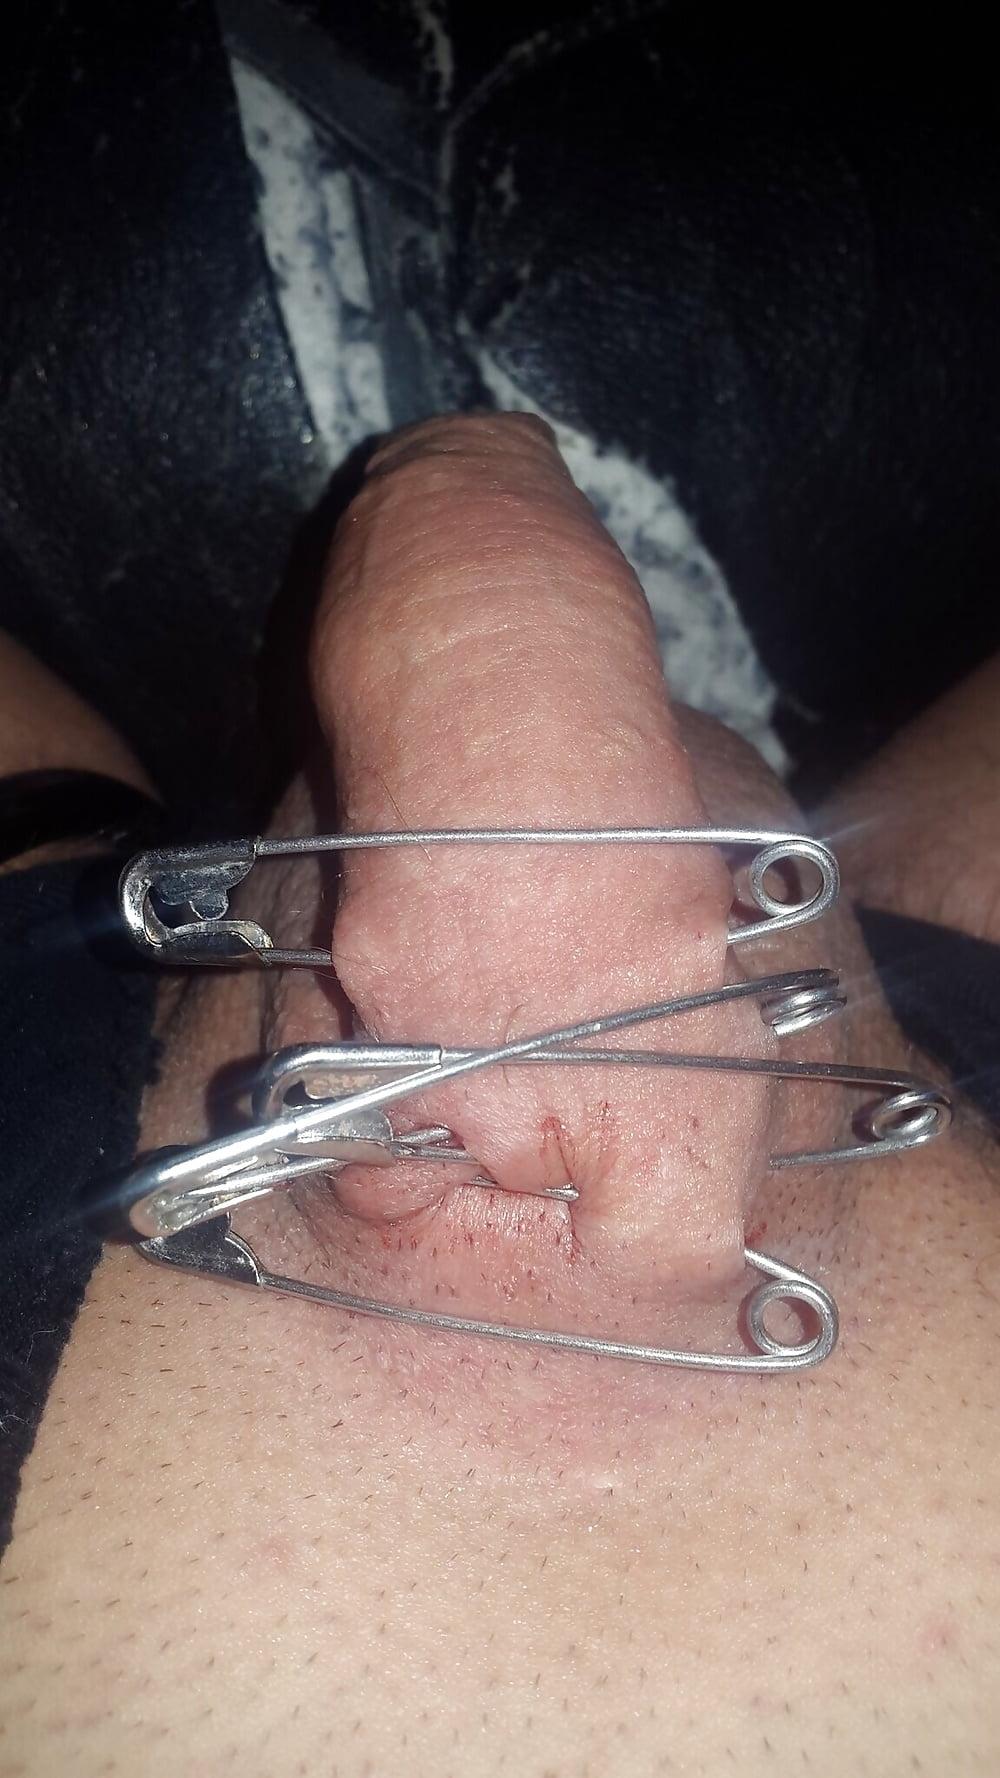 Needle cock